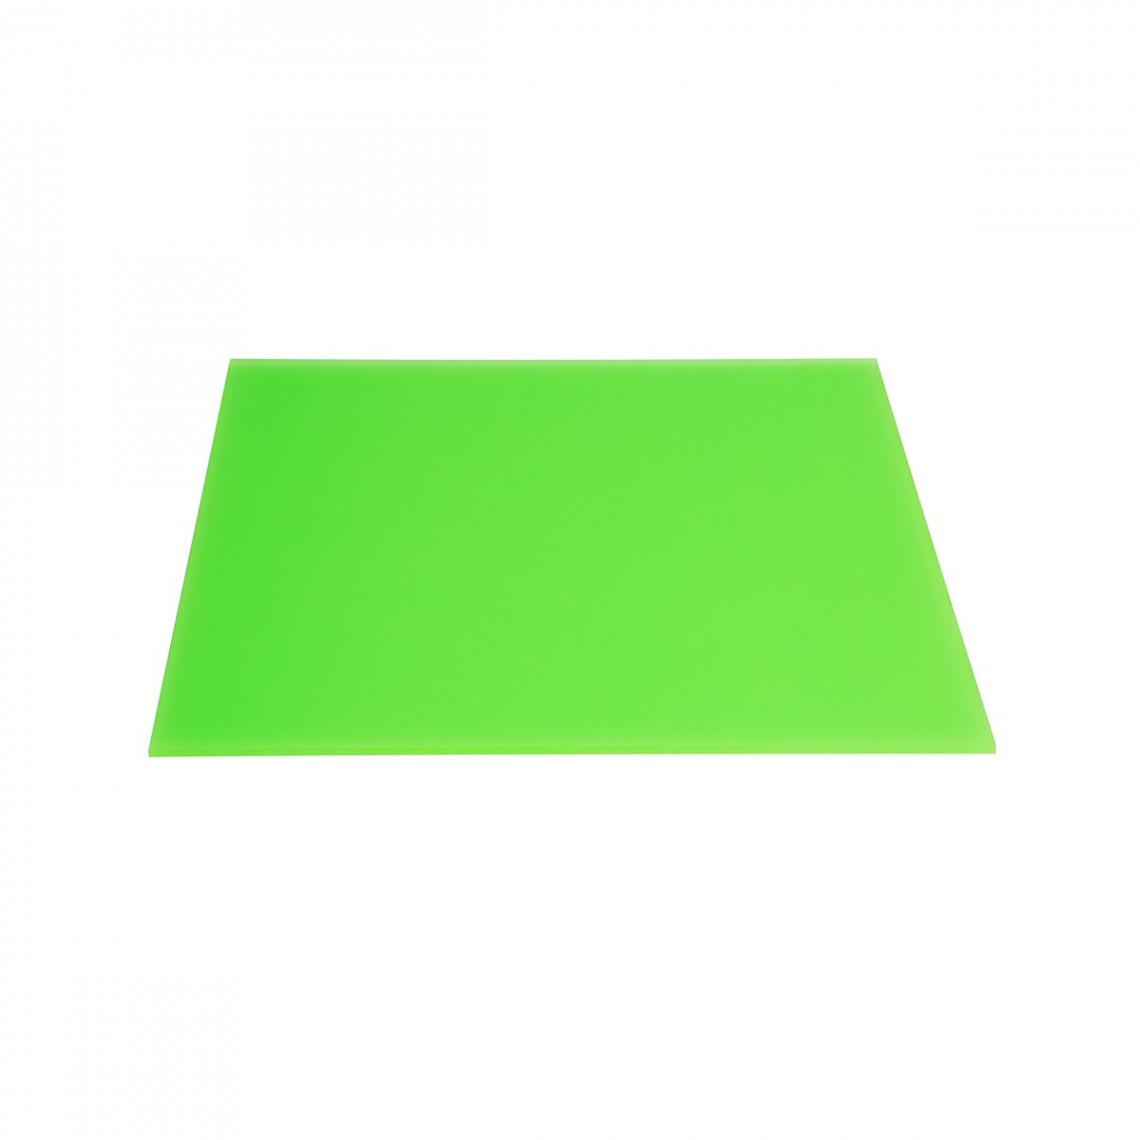 Plateau plexi Boy green (30 x 40 cm)